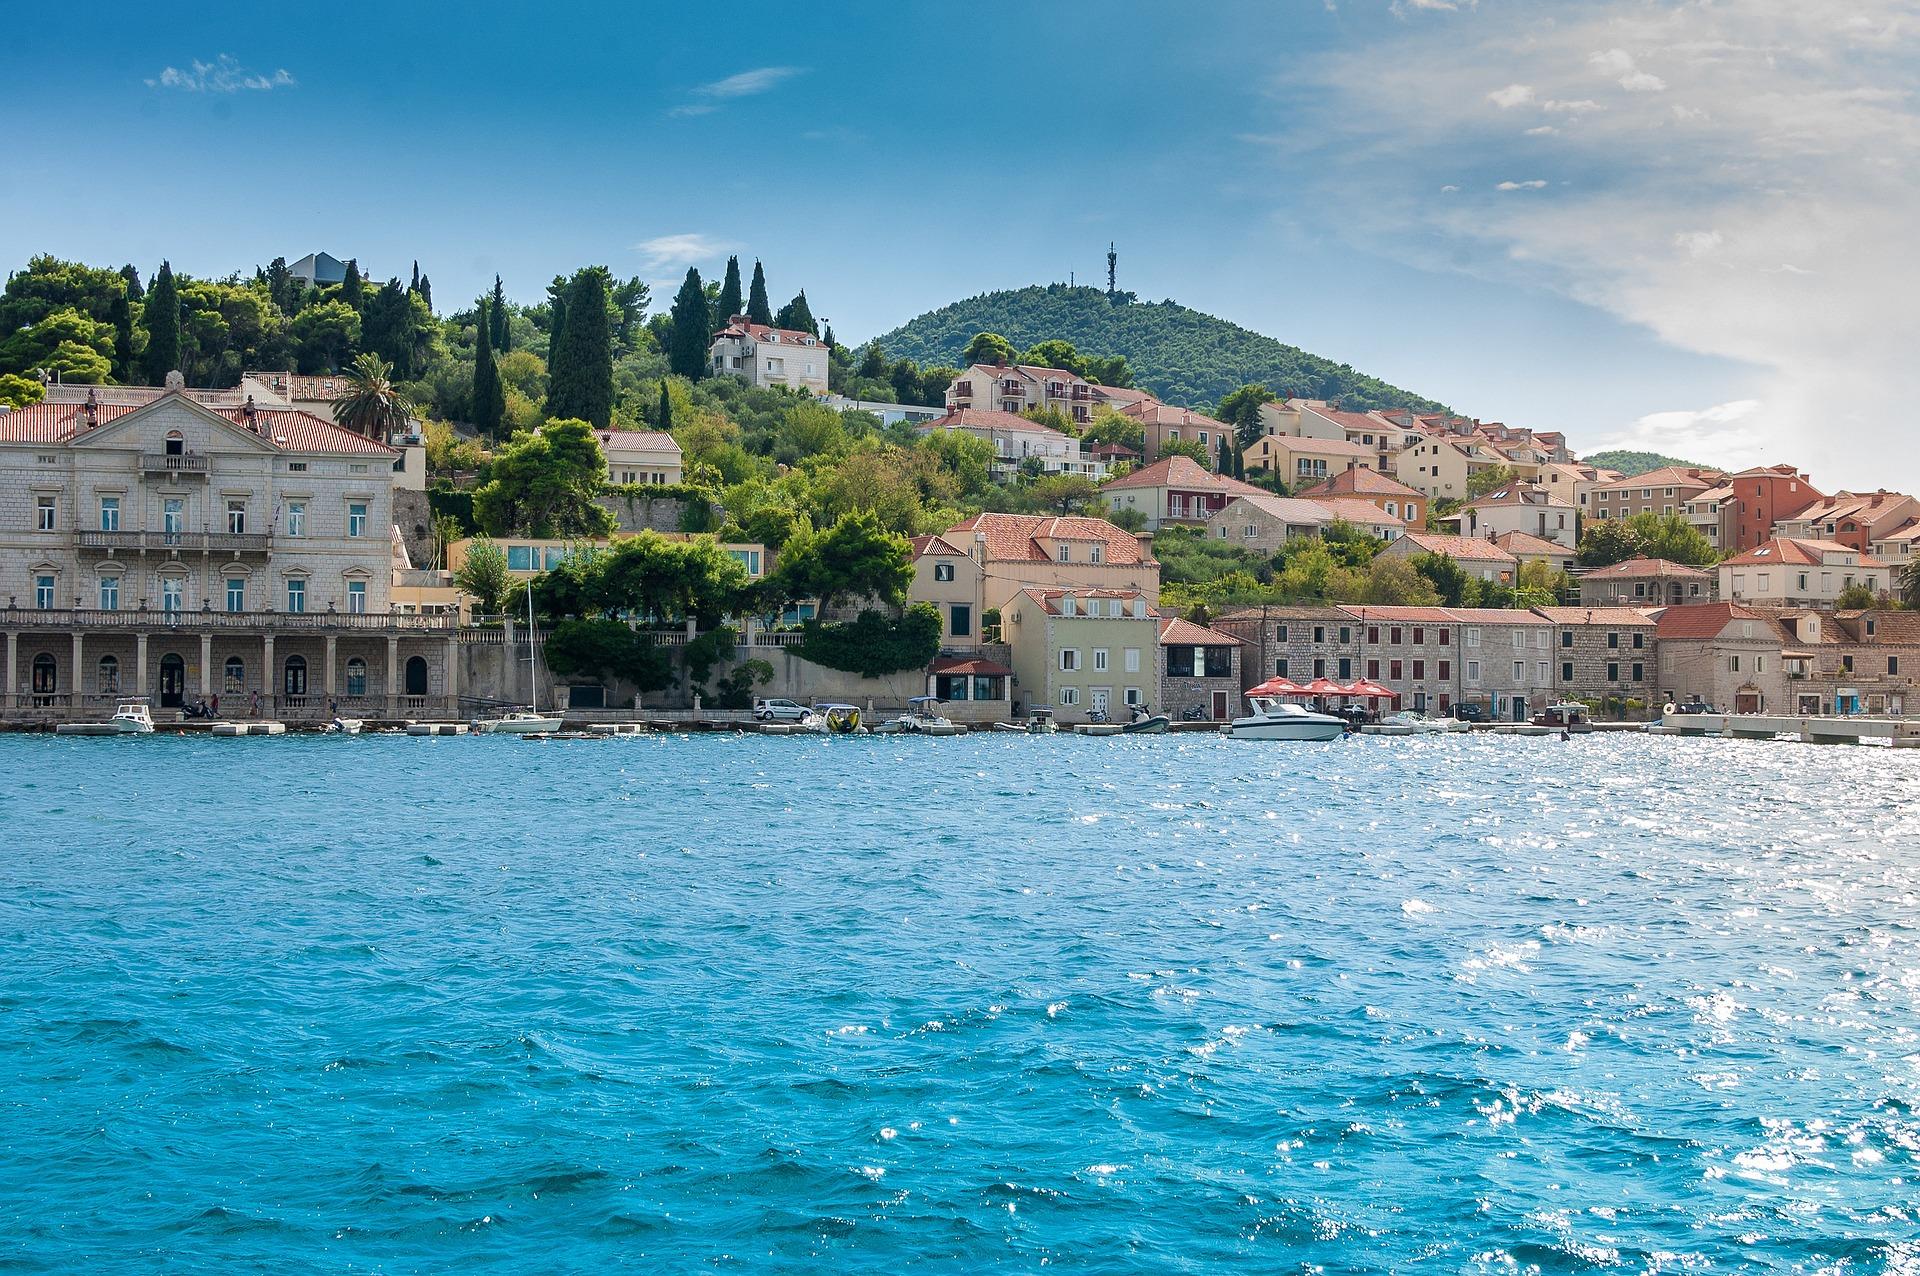 Landausfluug in Dubrovnik